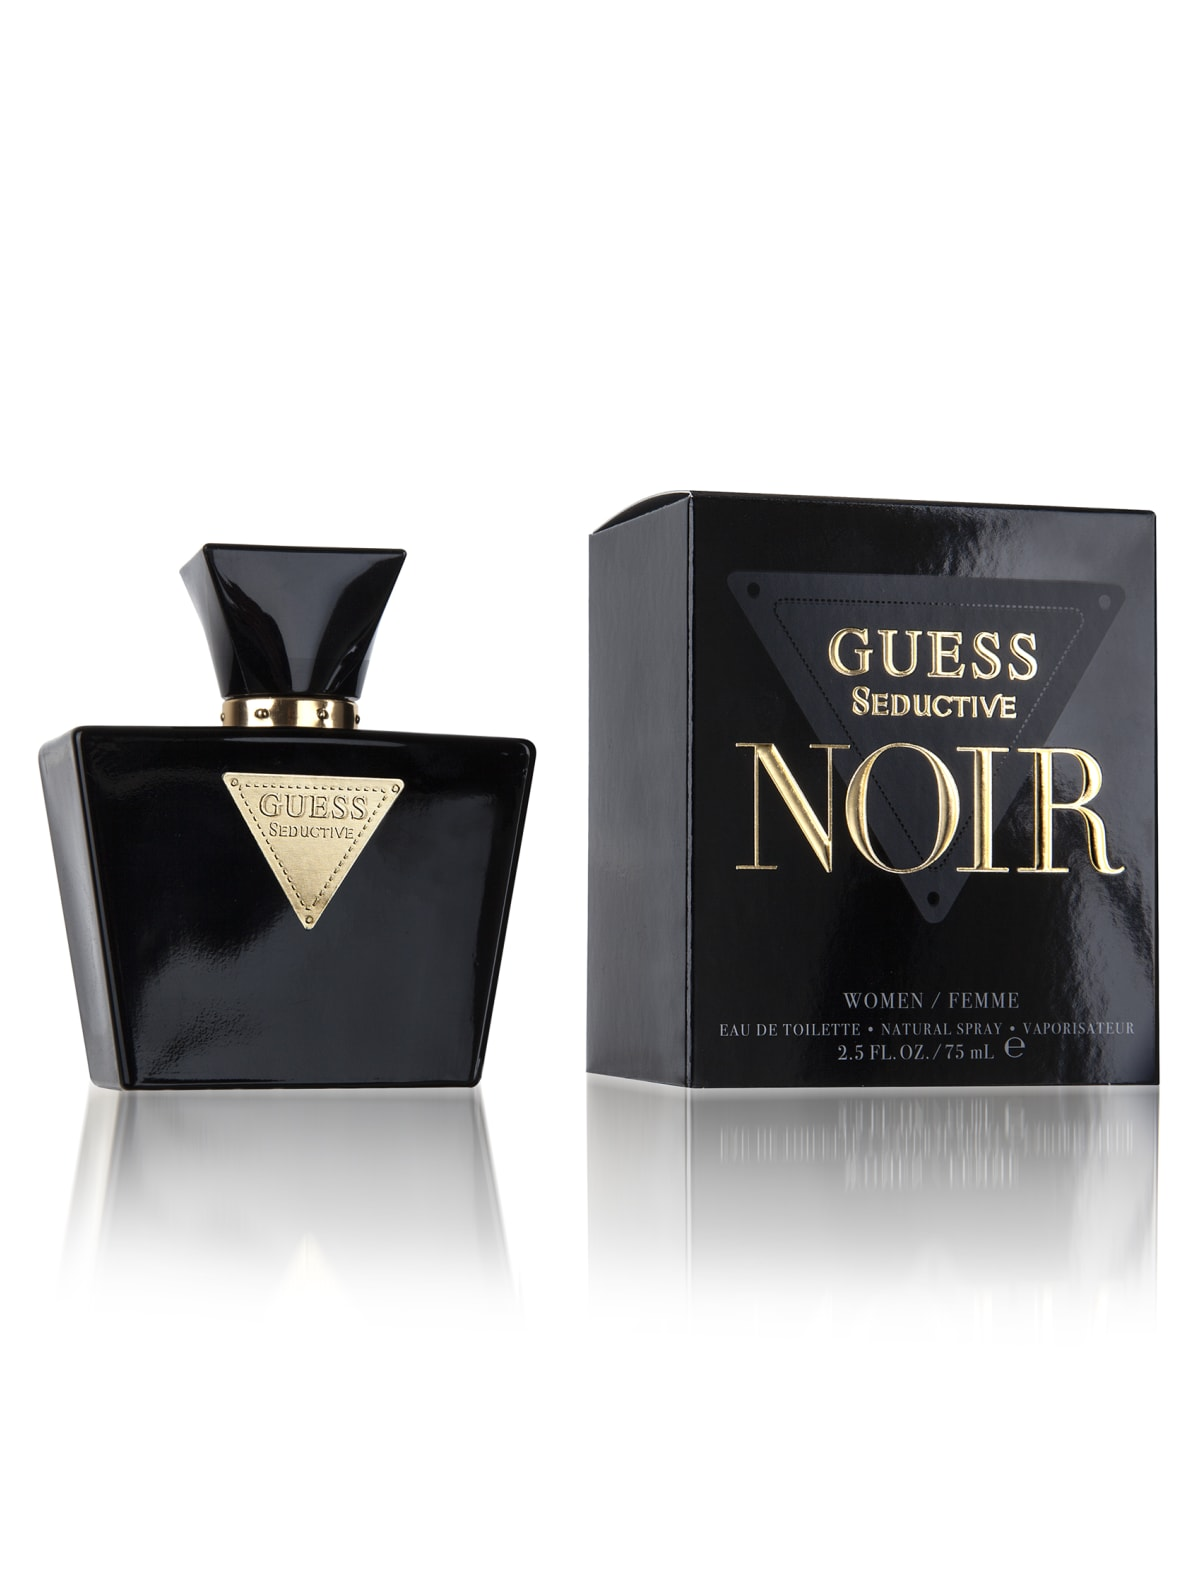 Guess Seductive Noir Eau De Toilette 2 5 Oz Guess Canada